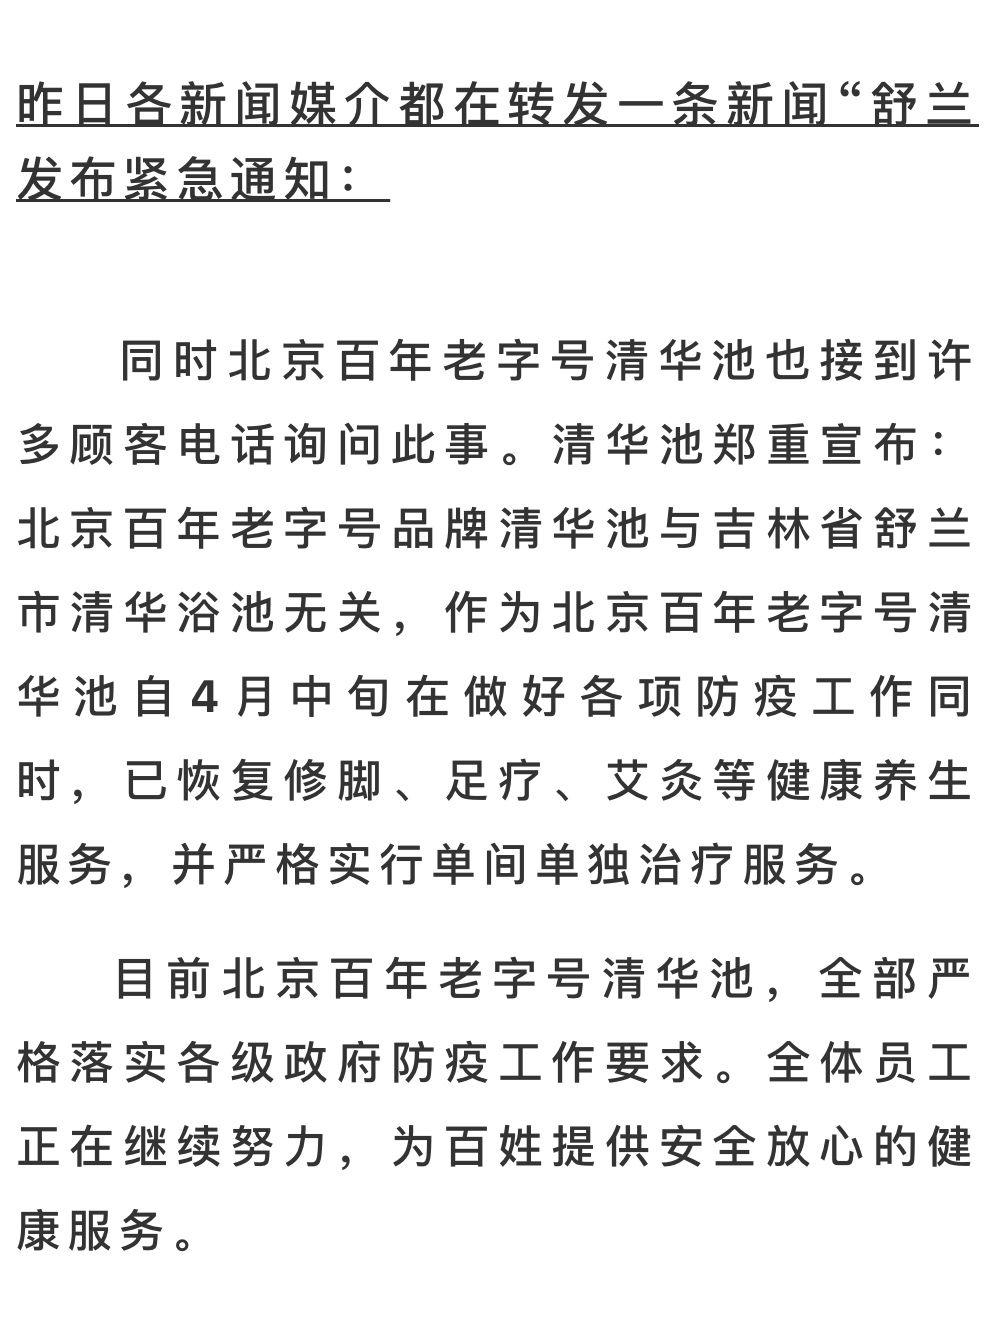 """北京老字號清華池澄清:與舒蘭""""清華浴池""""無關圖片"""